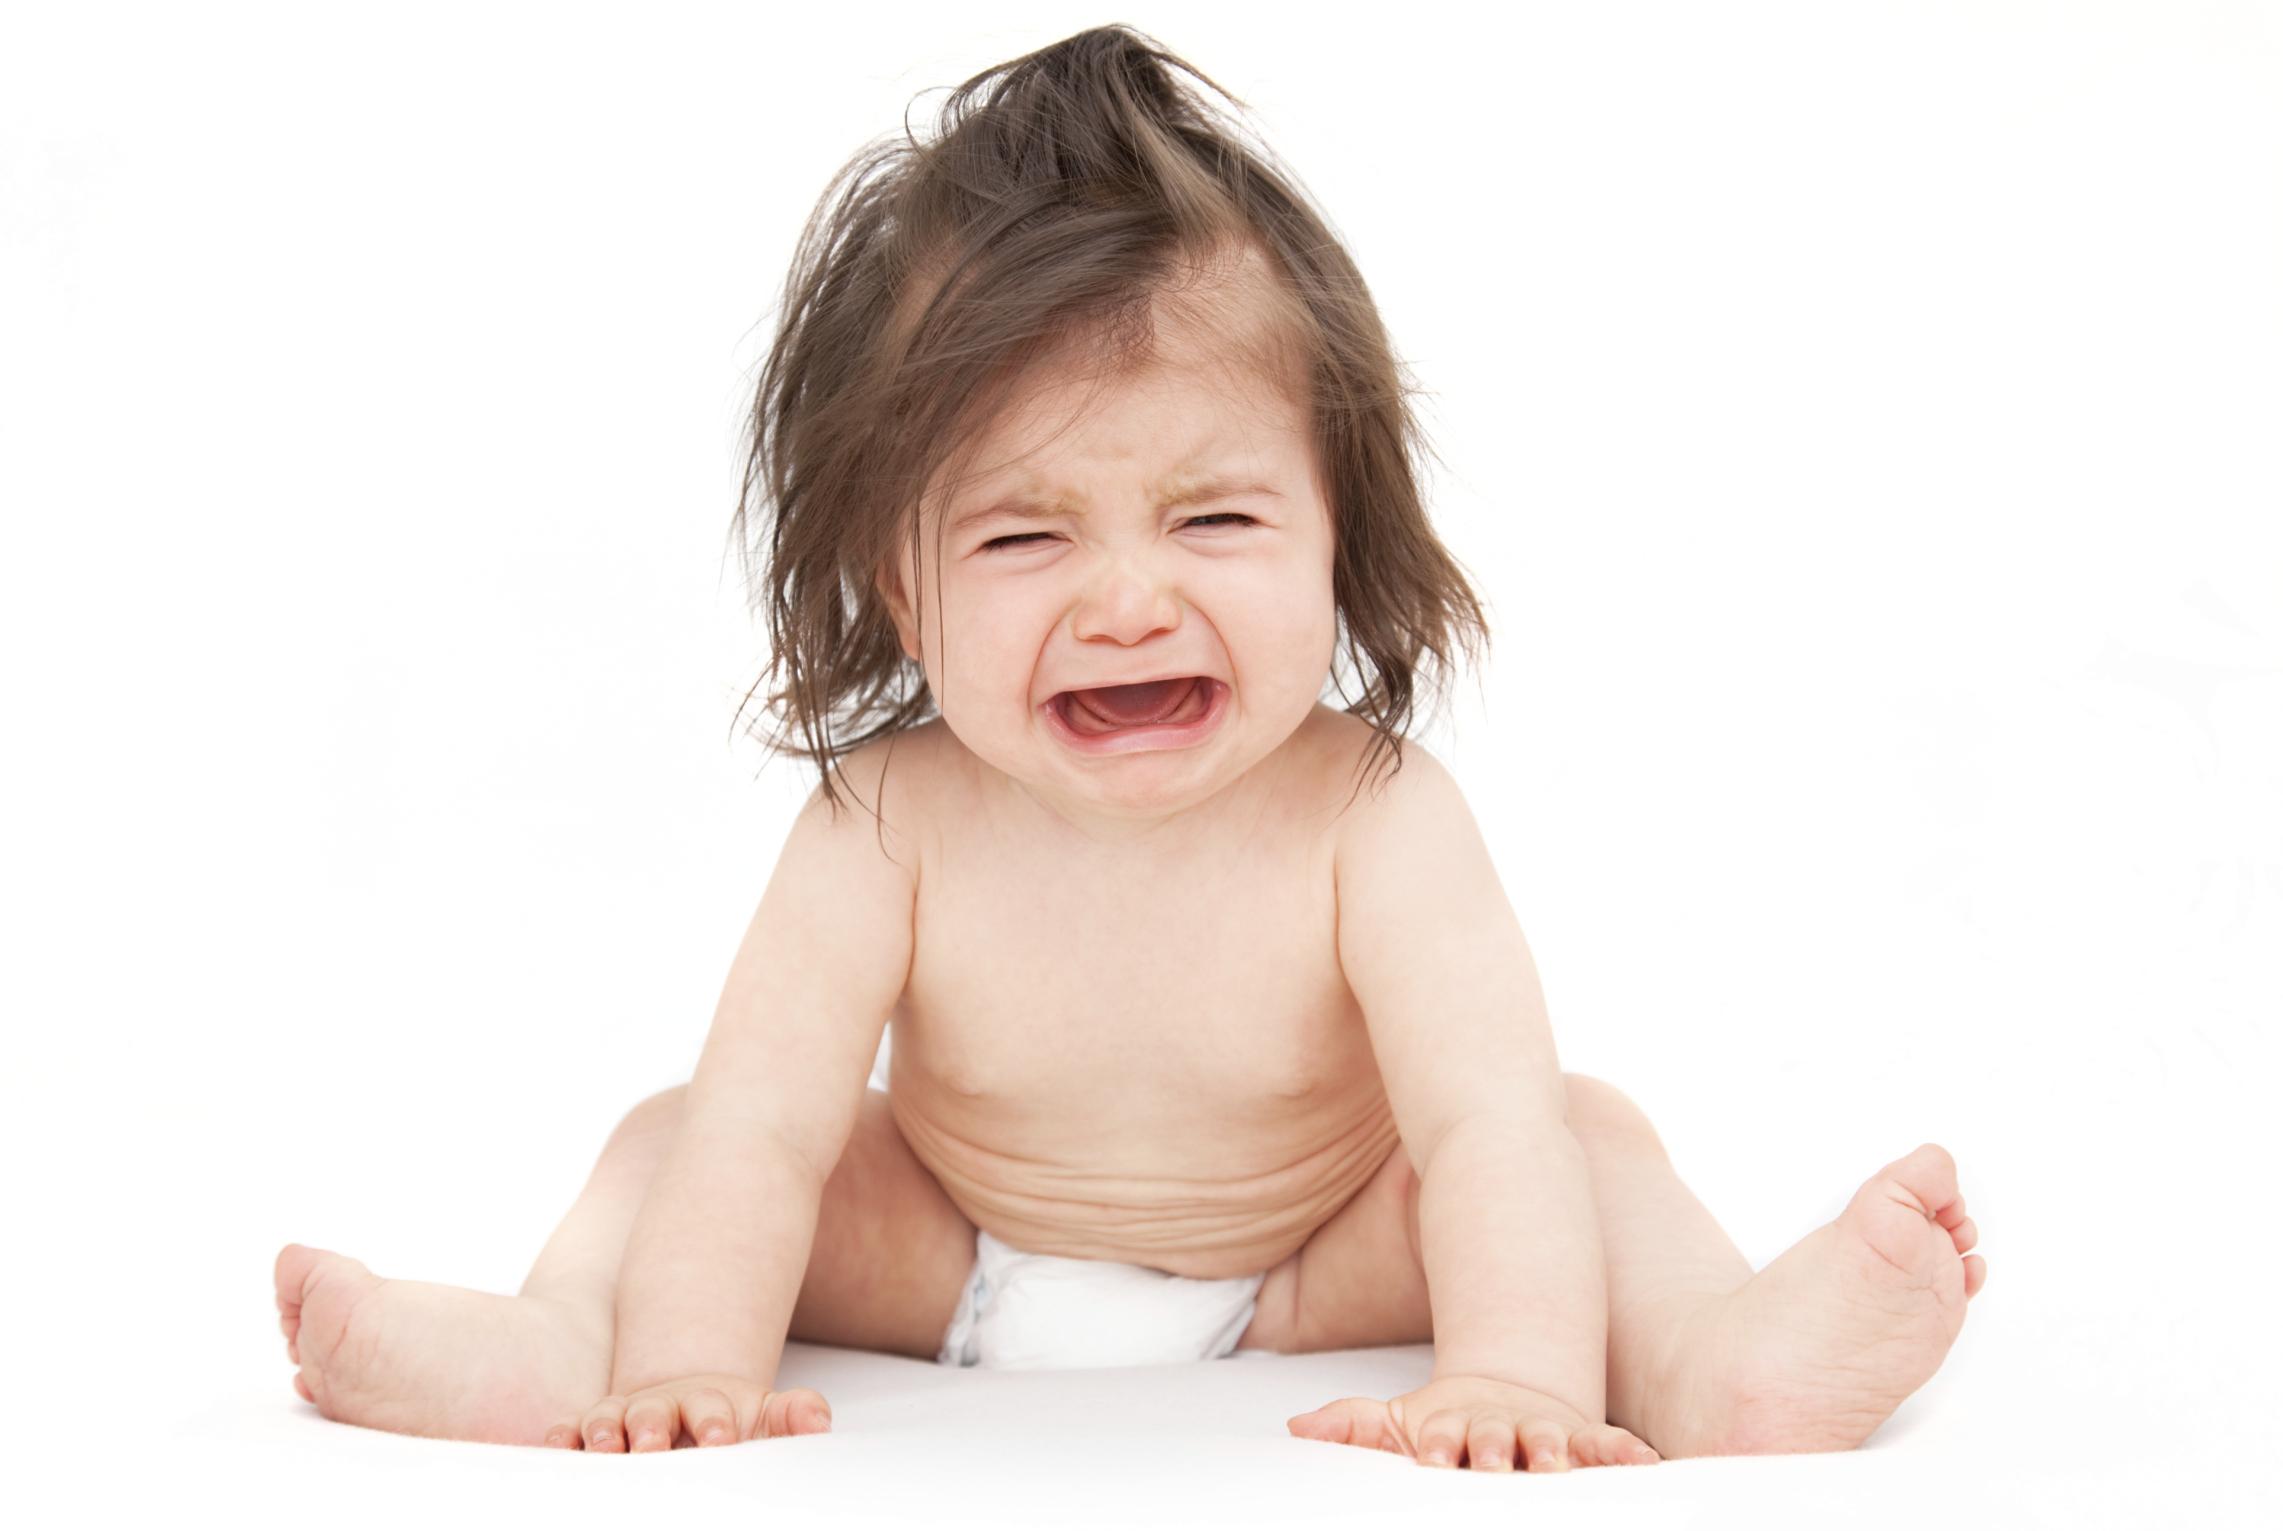 Головная боль и задержка развития у детей